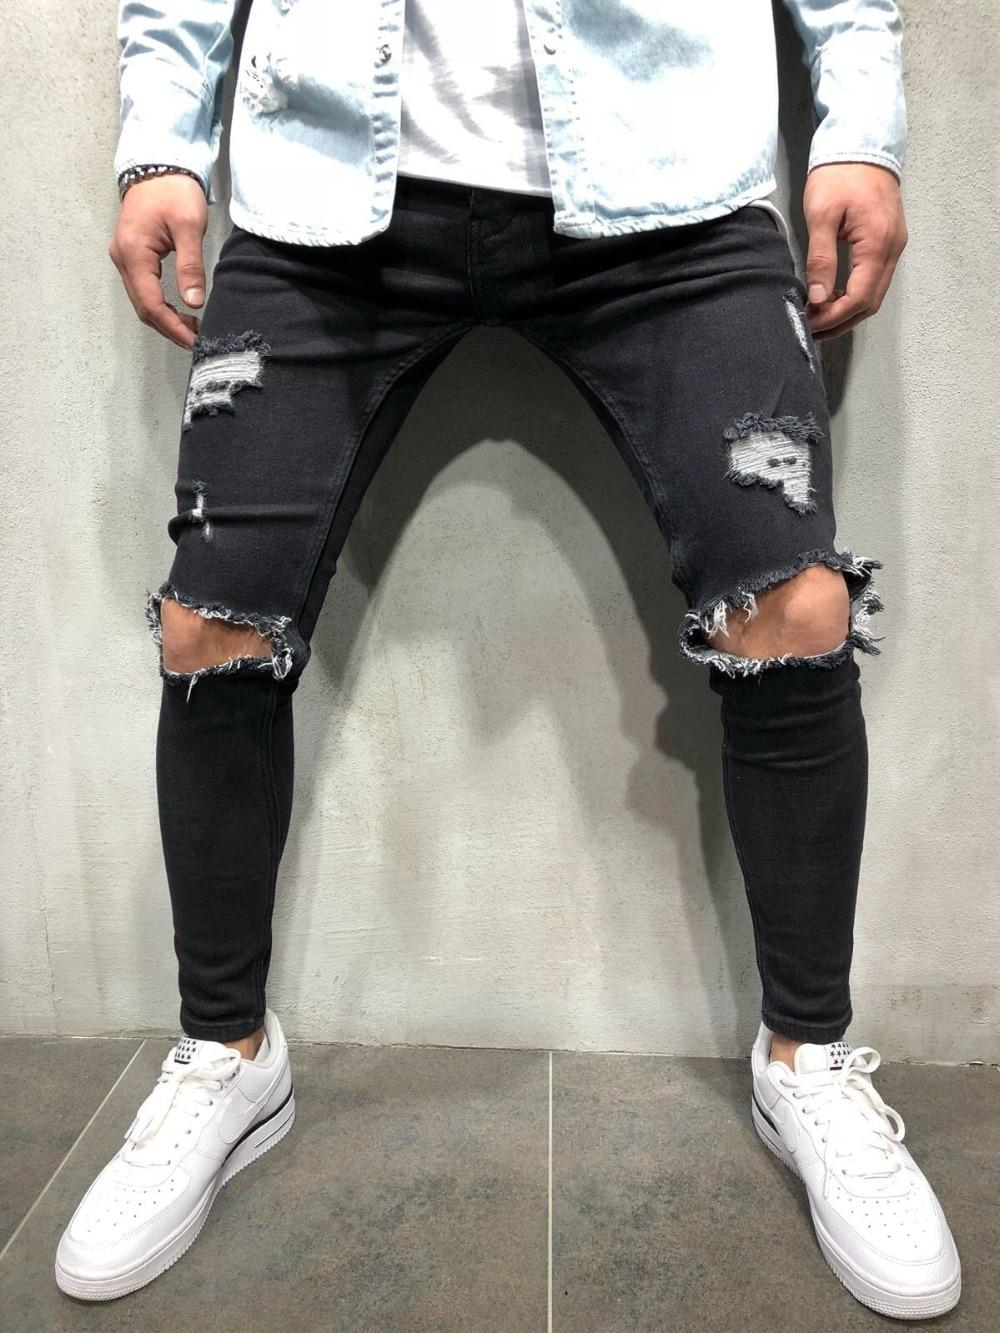 Fashion Men's Hole Jeans Black/Blue/Grey Hiphop Jeans 2